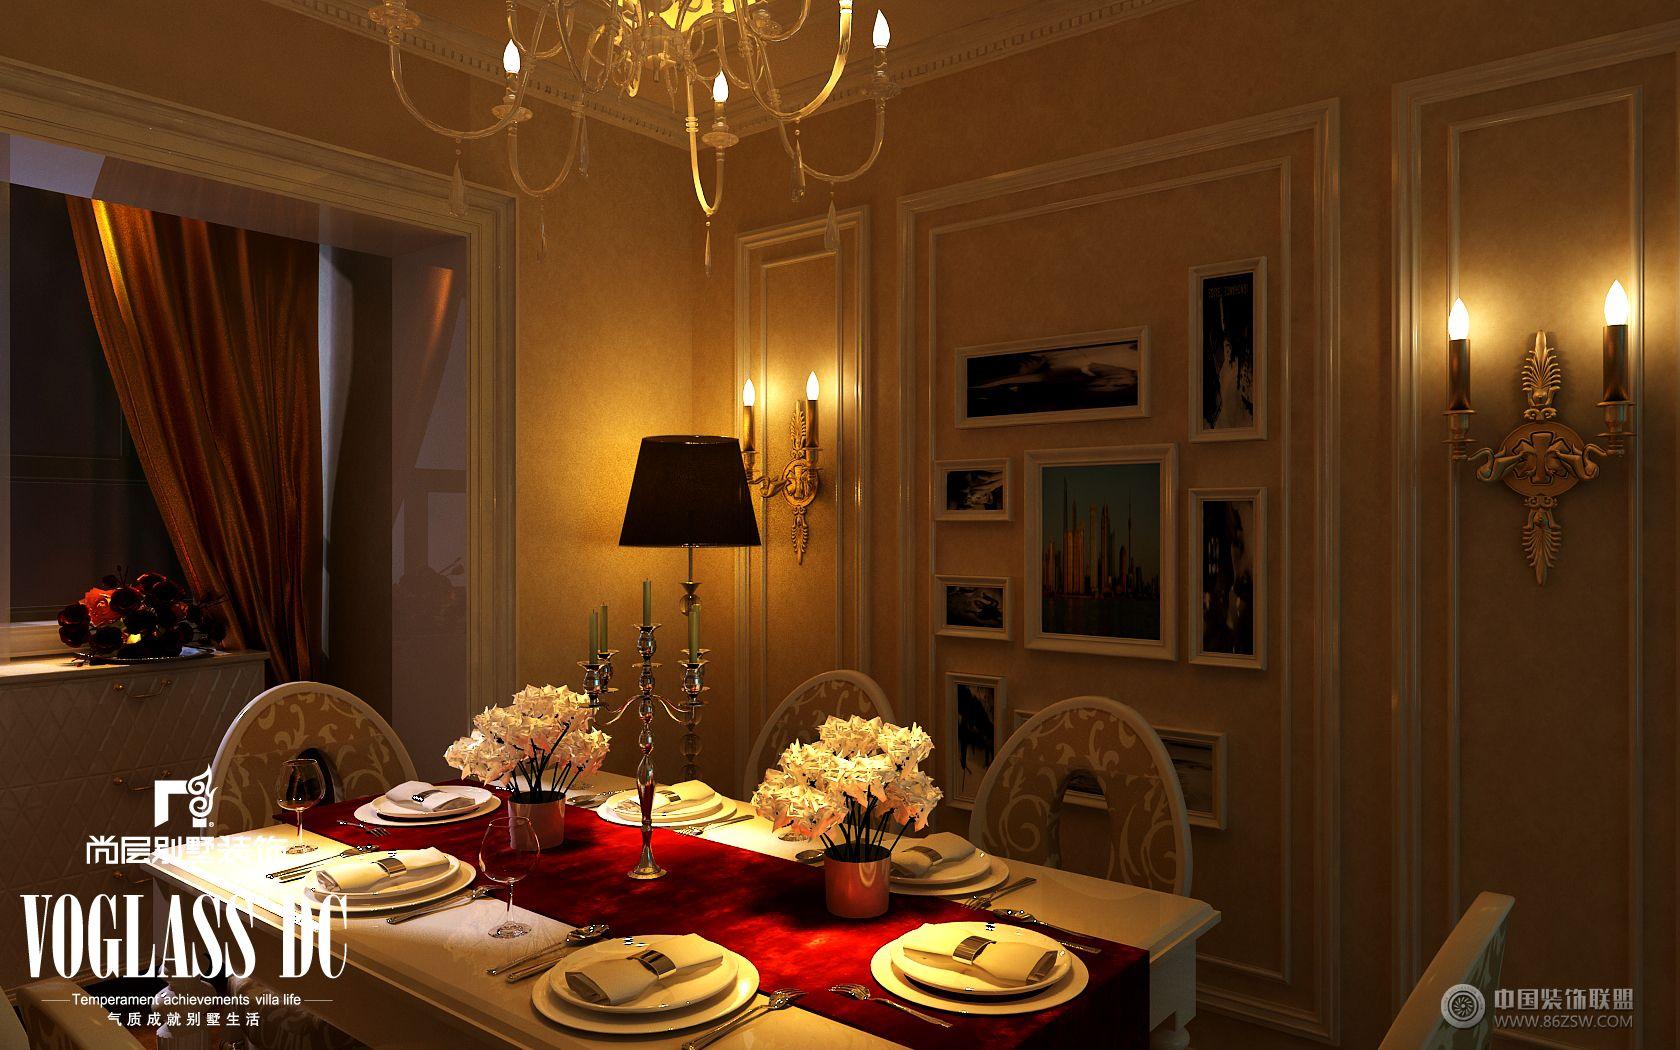 成都尚层装饰别墅装修欧式风格实景案例-餐厅装修图片